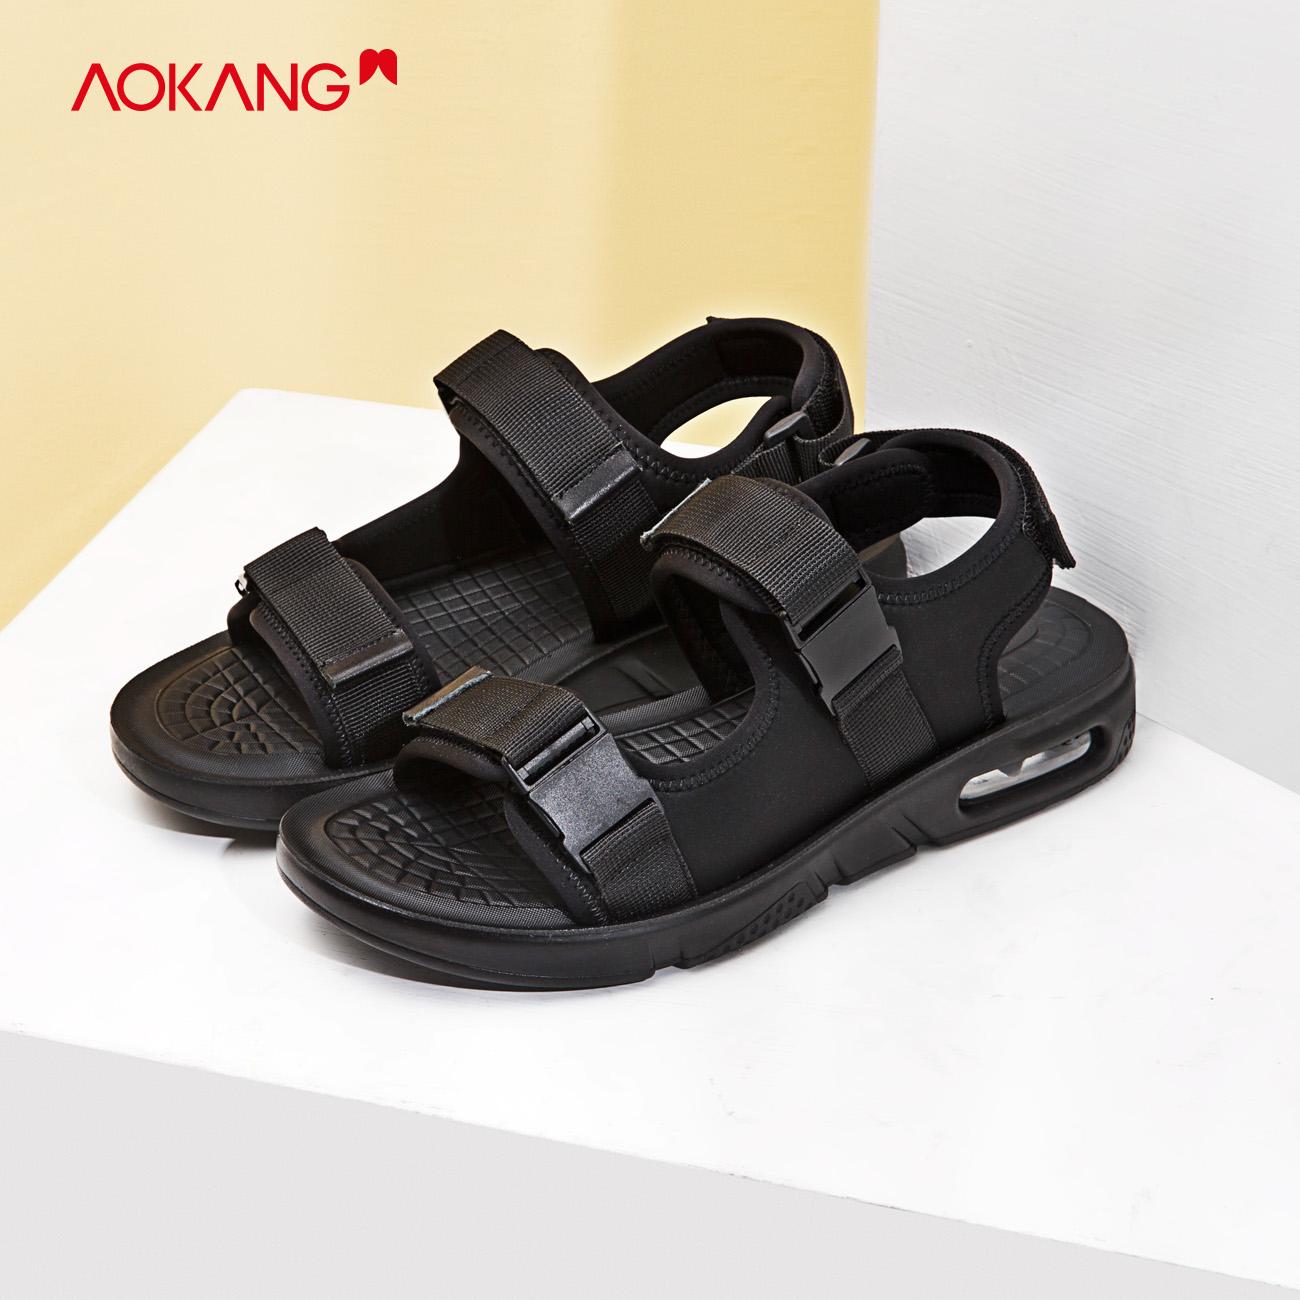 奥康男鞋2020夏季新款运动凉鞋轻便卡扣休闲鞋舒适软底户外沙滩鞋